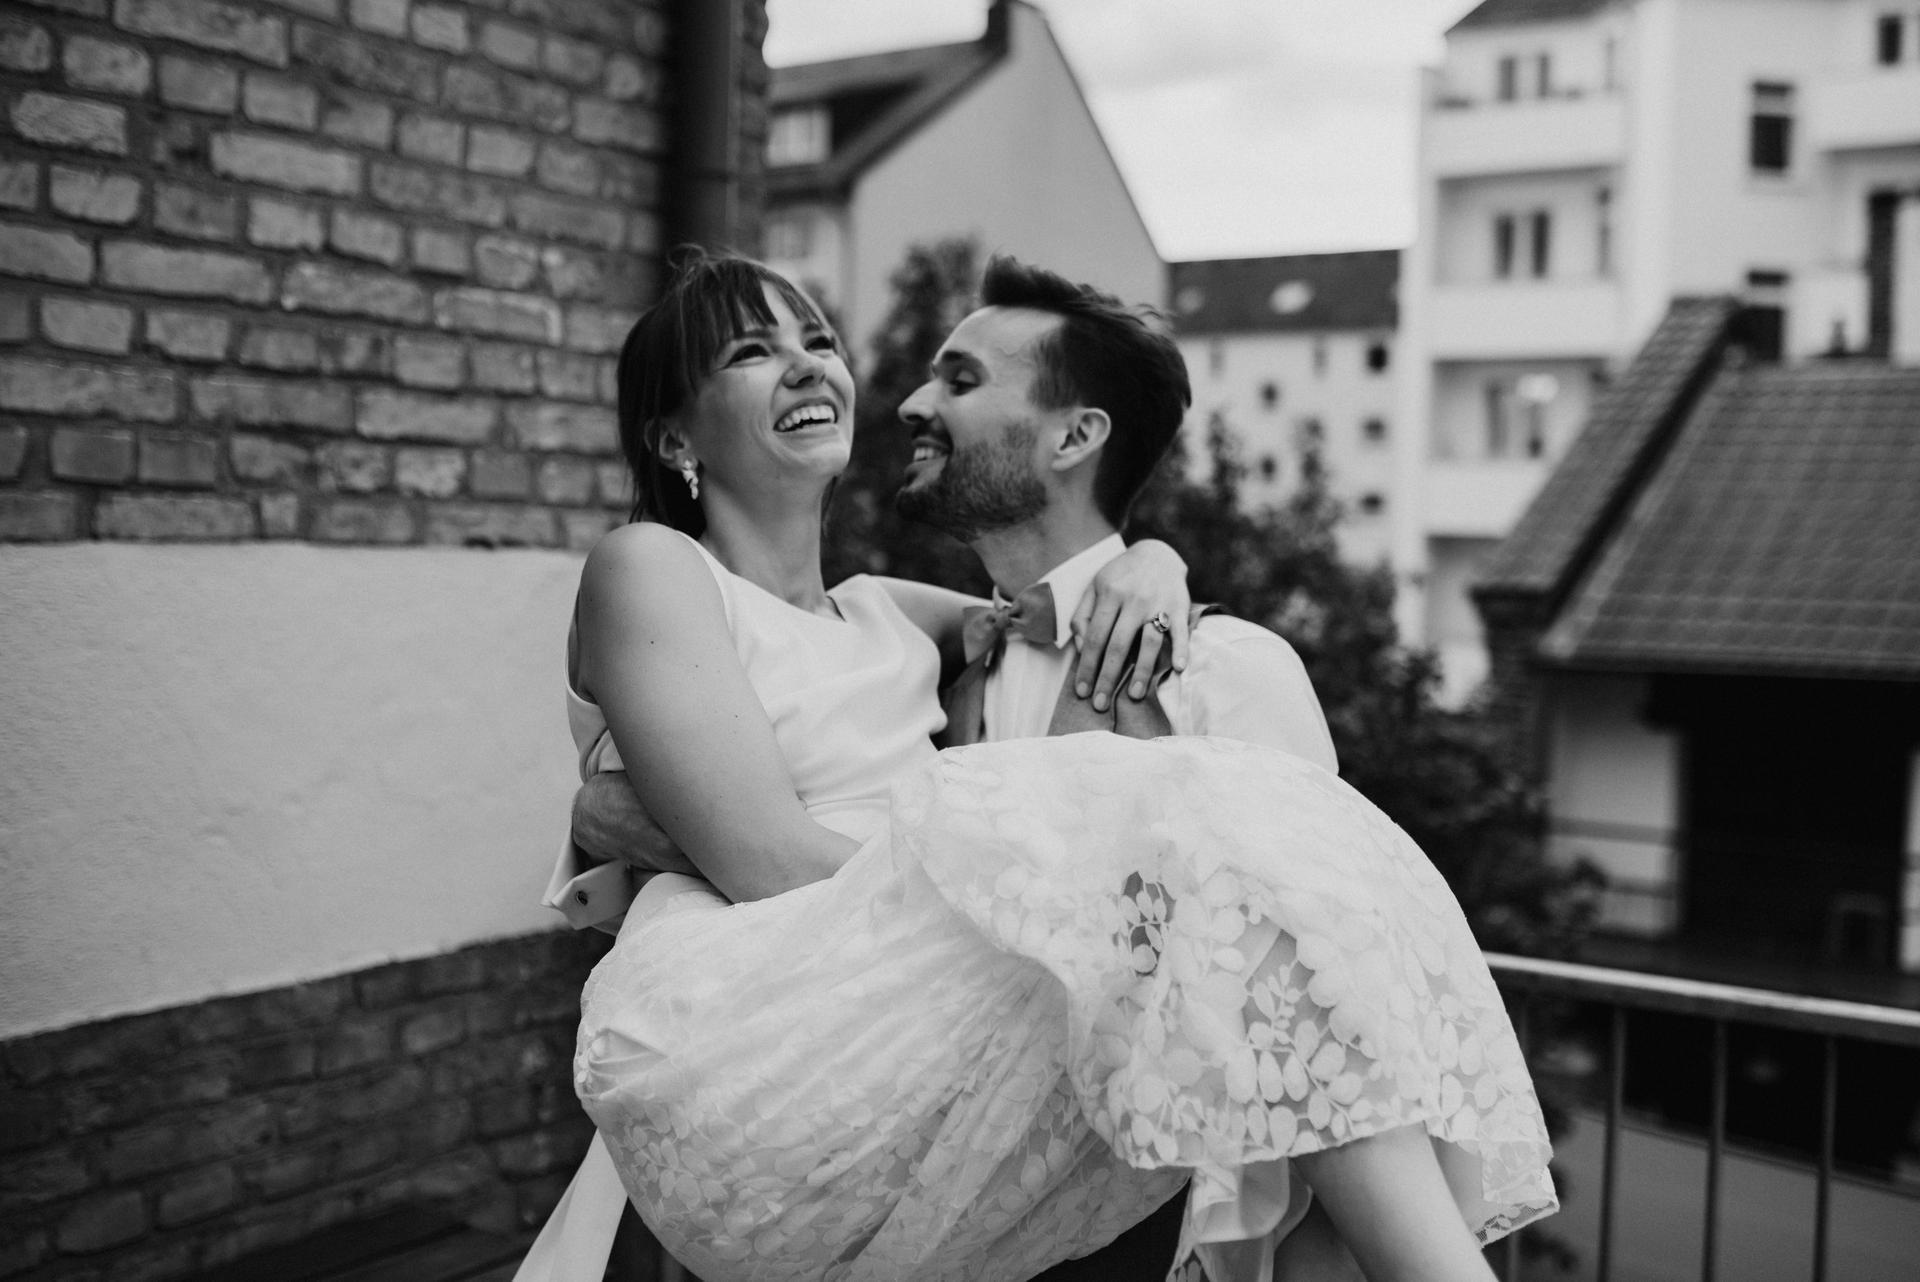 Brautpaar auf Balkon, Bräutigam  Braut tragend, lachend, schwarz weiss